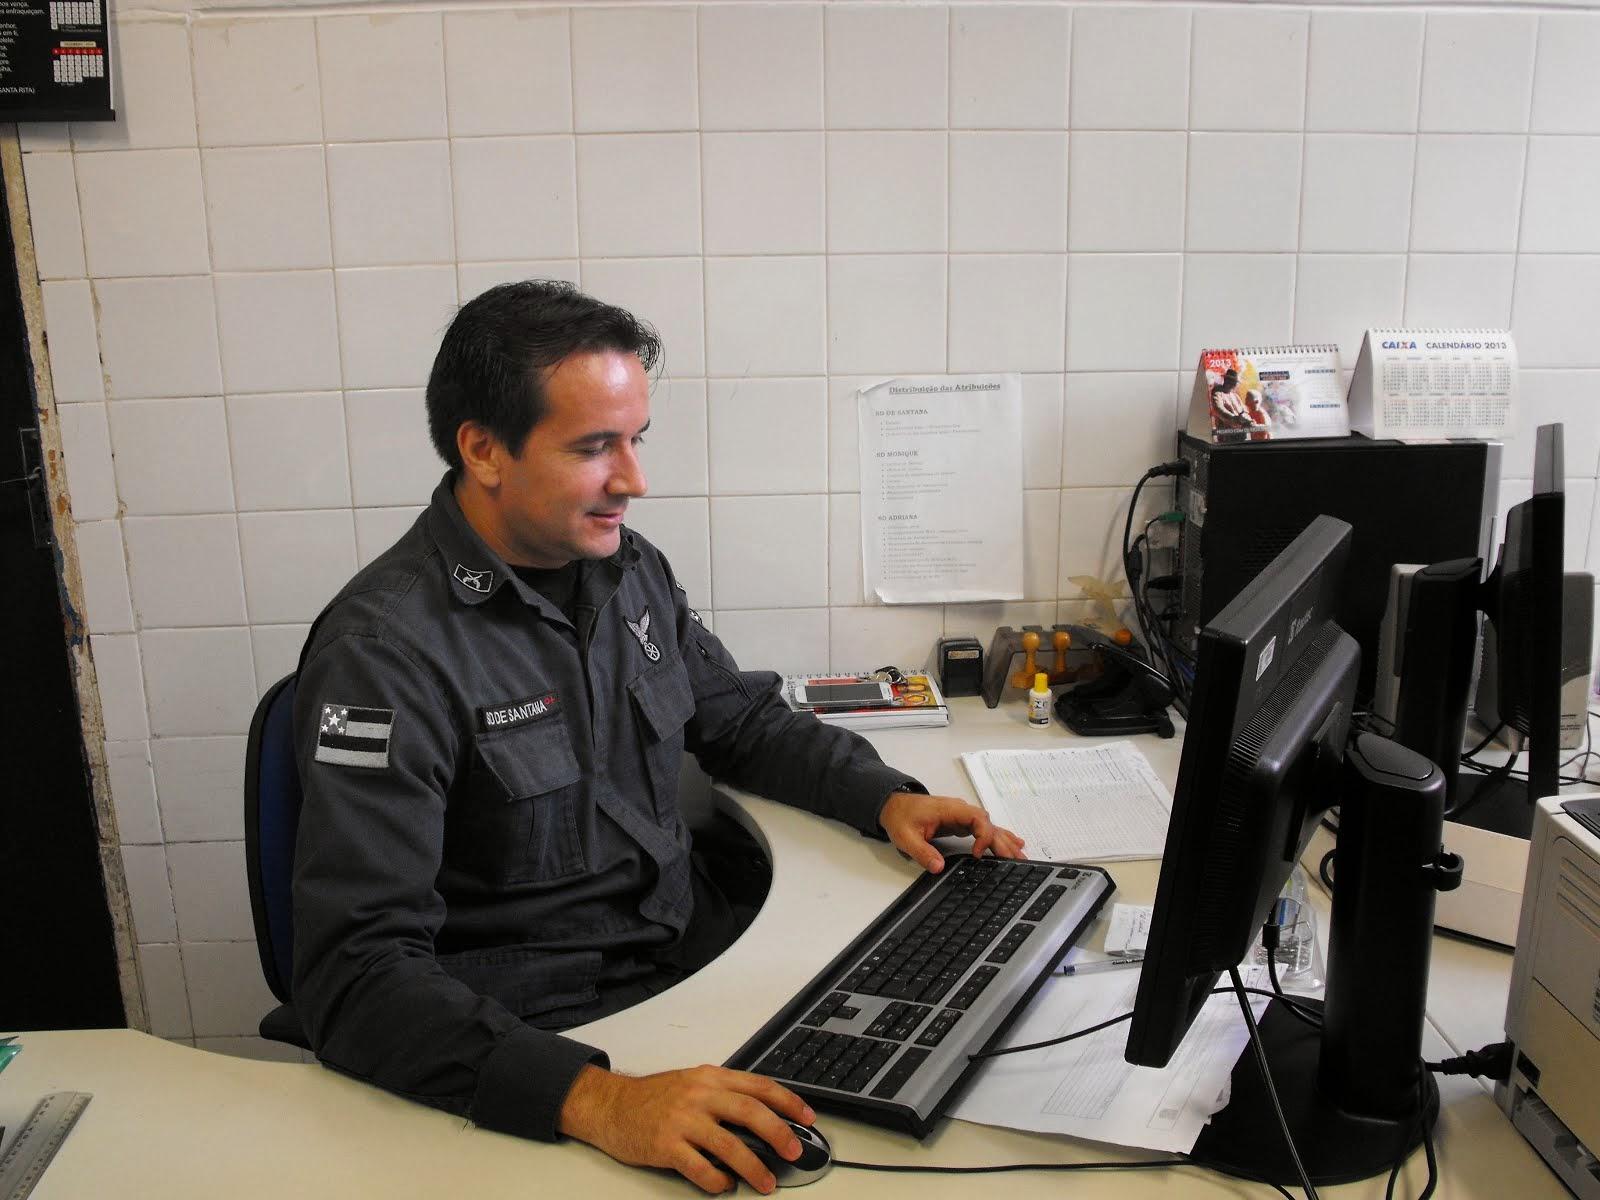 POLICIAL NA SARGENTEAÇÃO